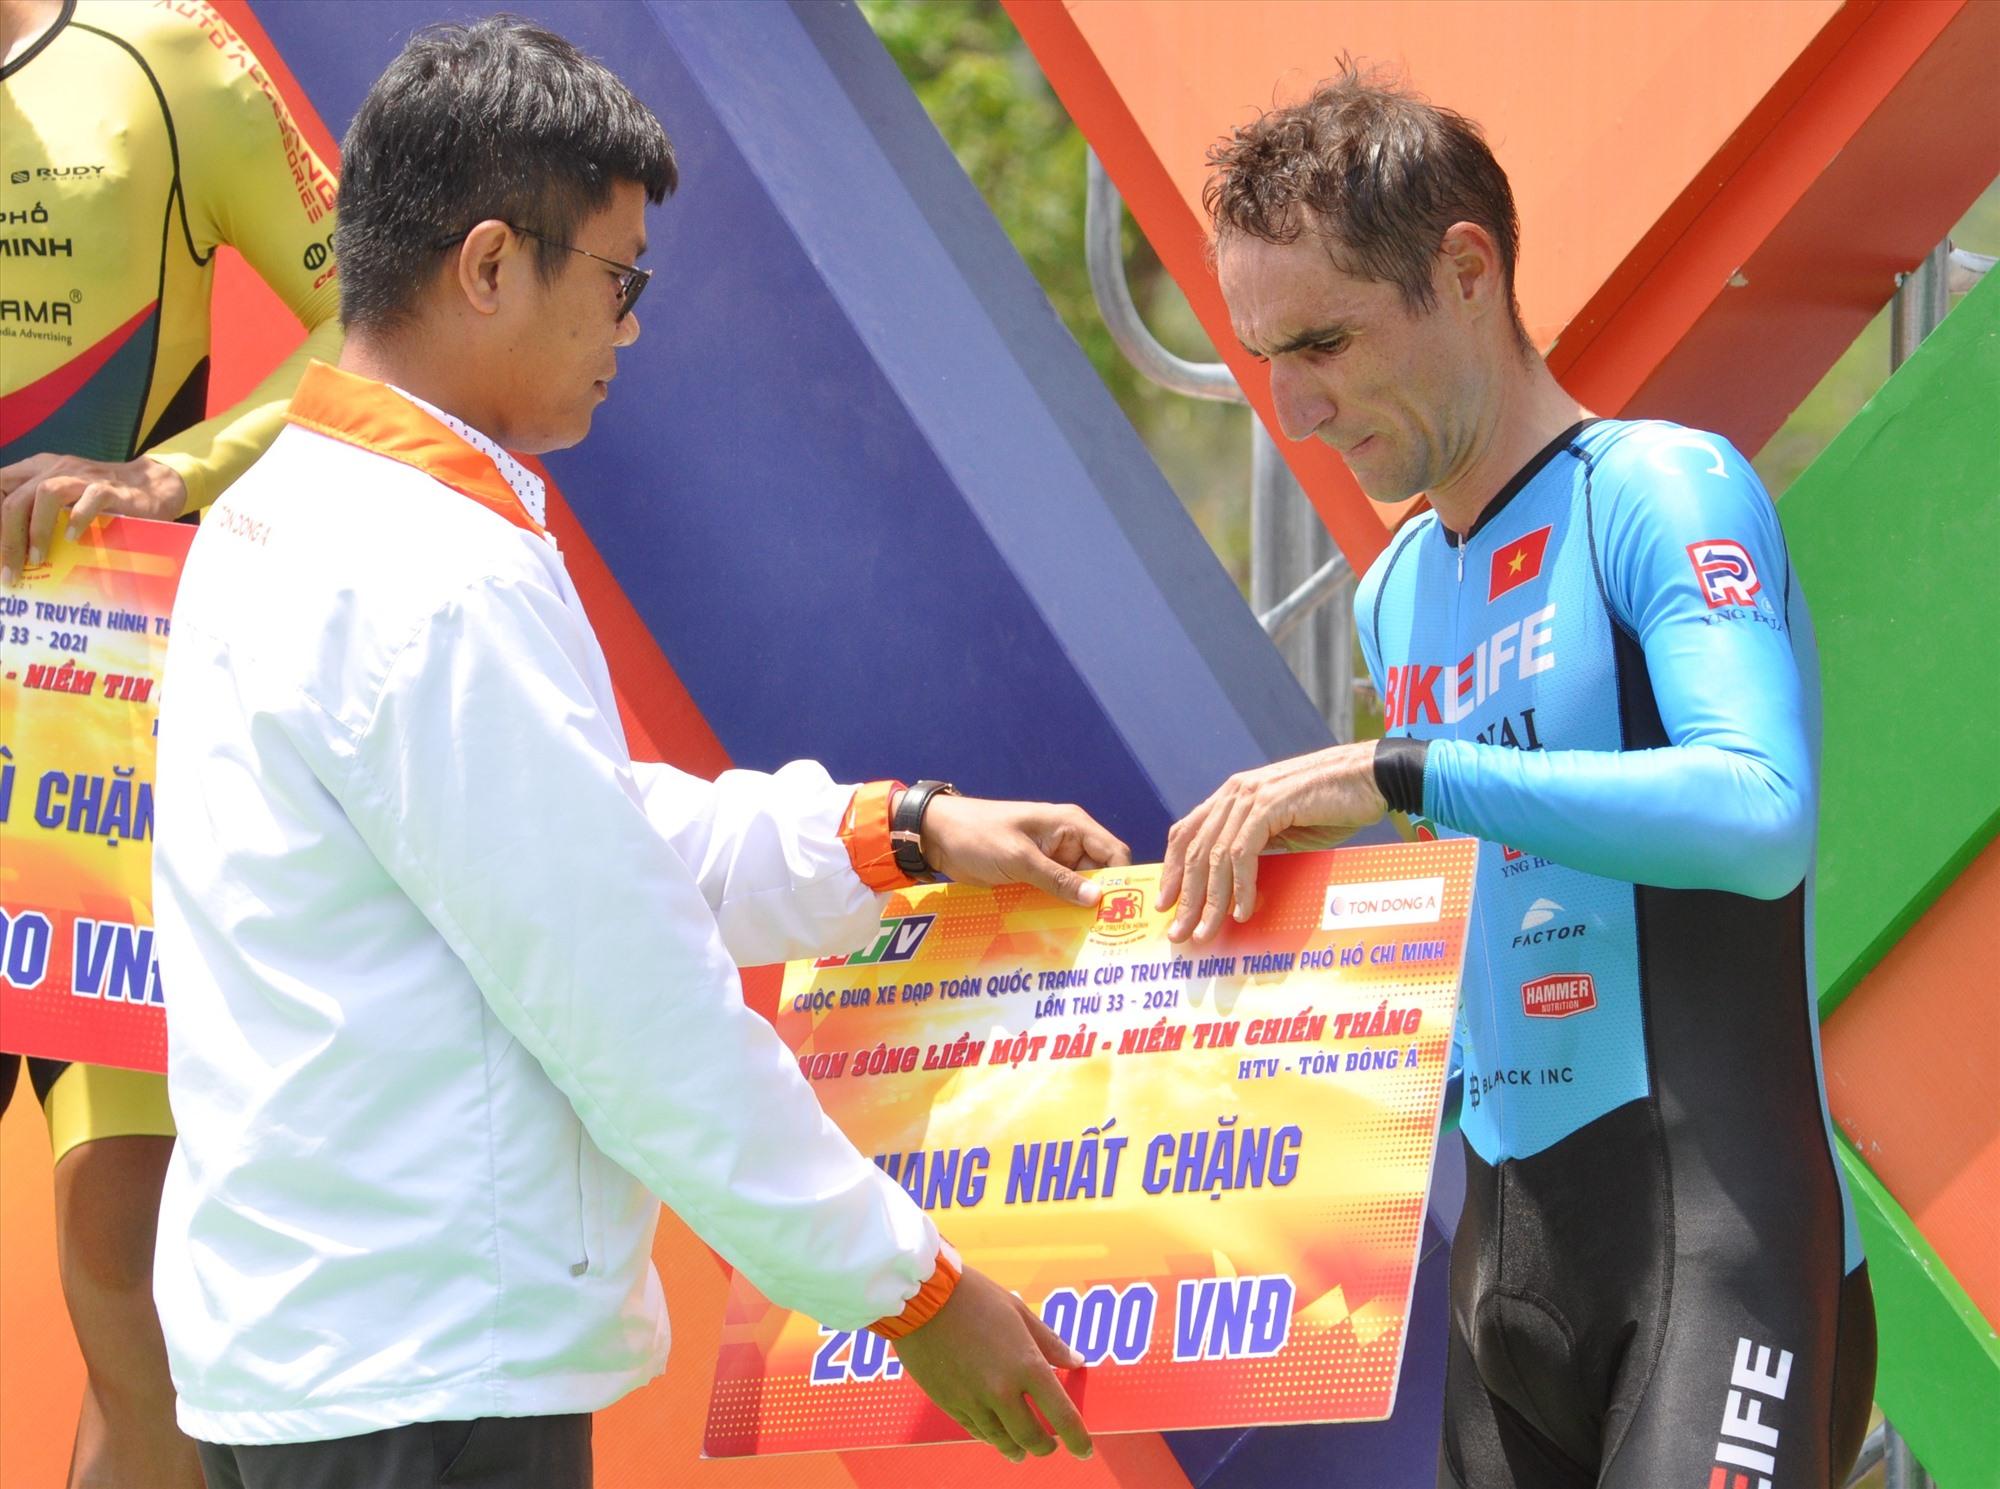 Tay đua Loic Desrias nhận giải nhất chặng 14. Ảnh: T.VY